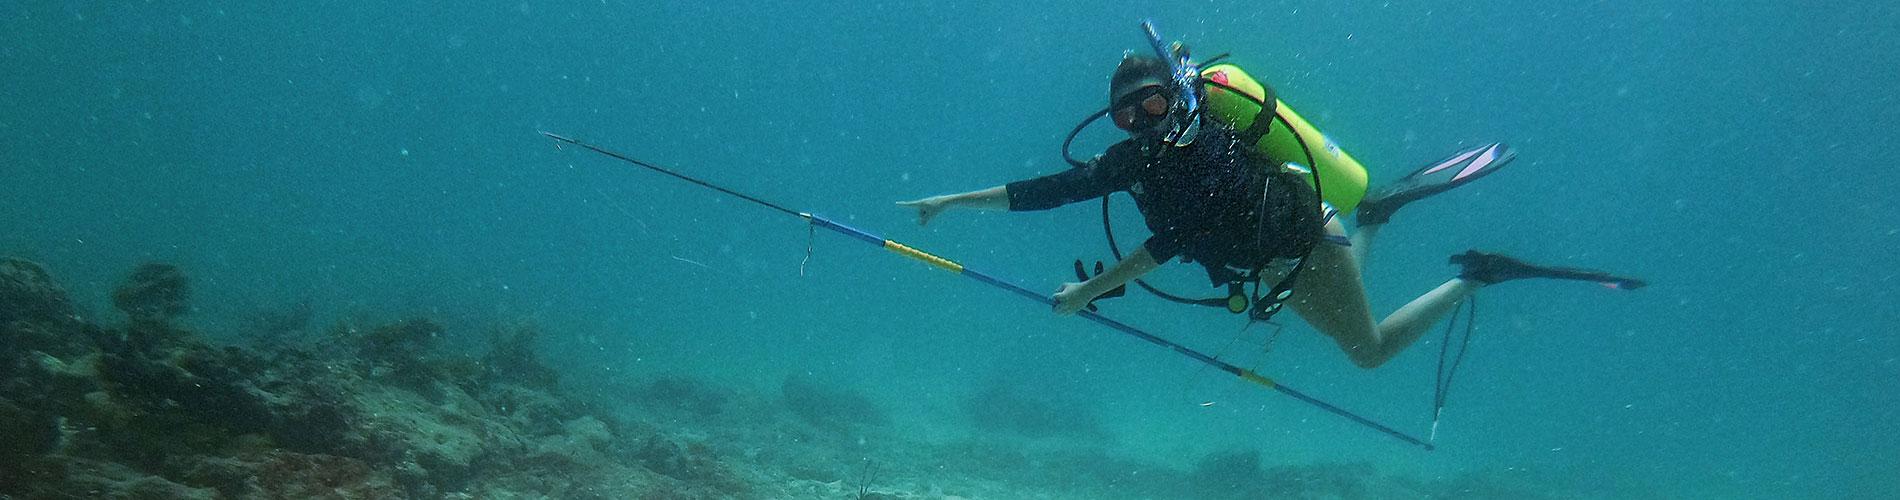 Photo shows FGCU researcher diving